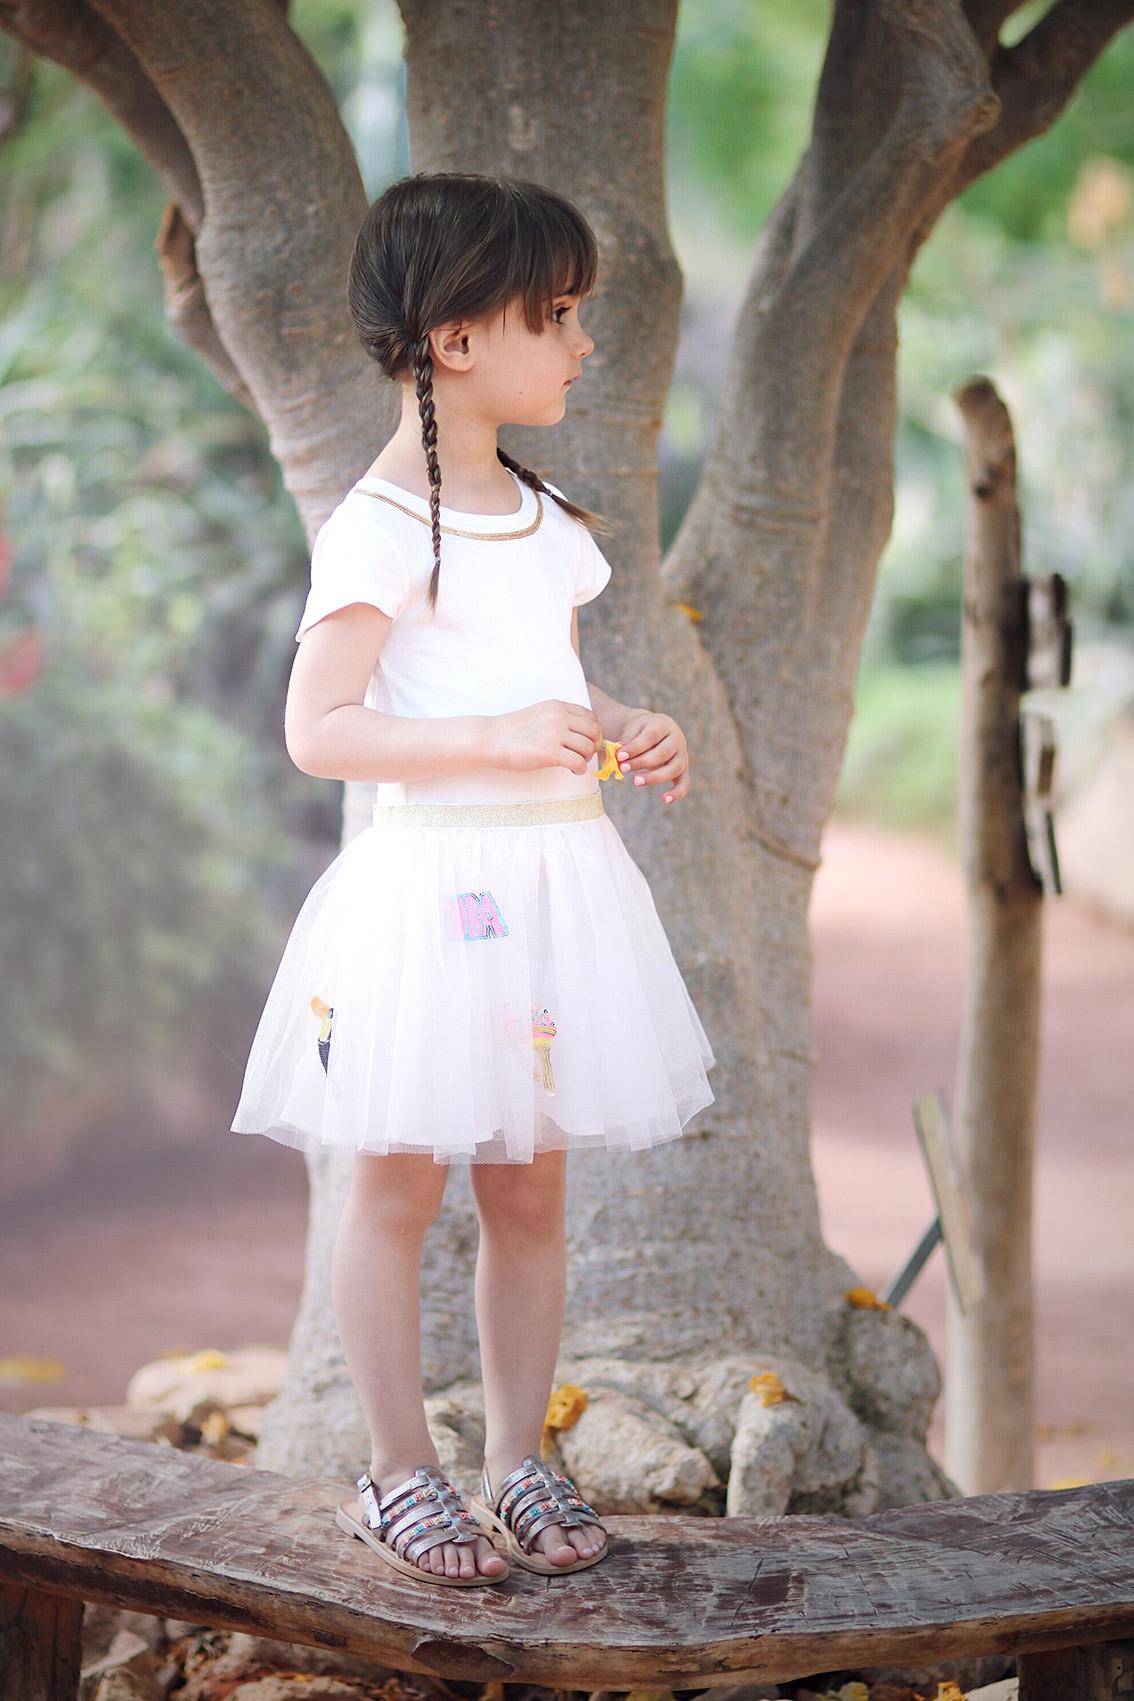 modele-enfant-lyon-emma